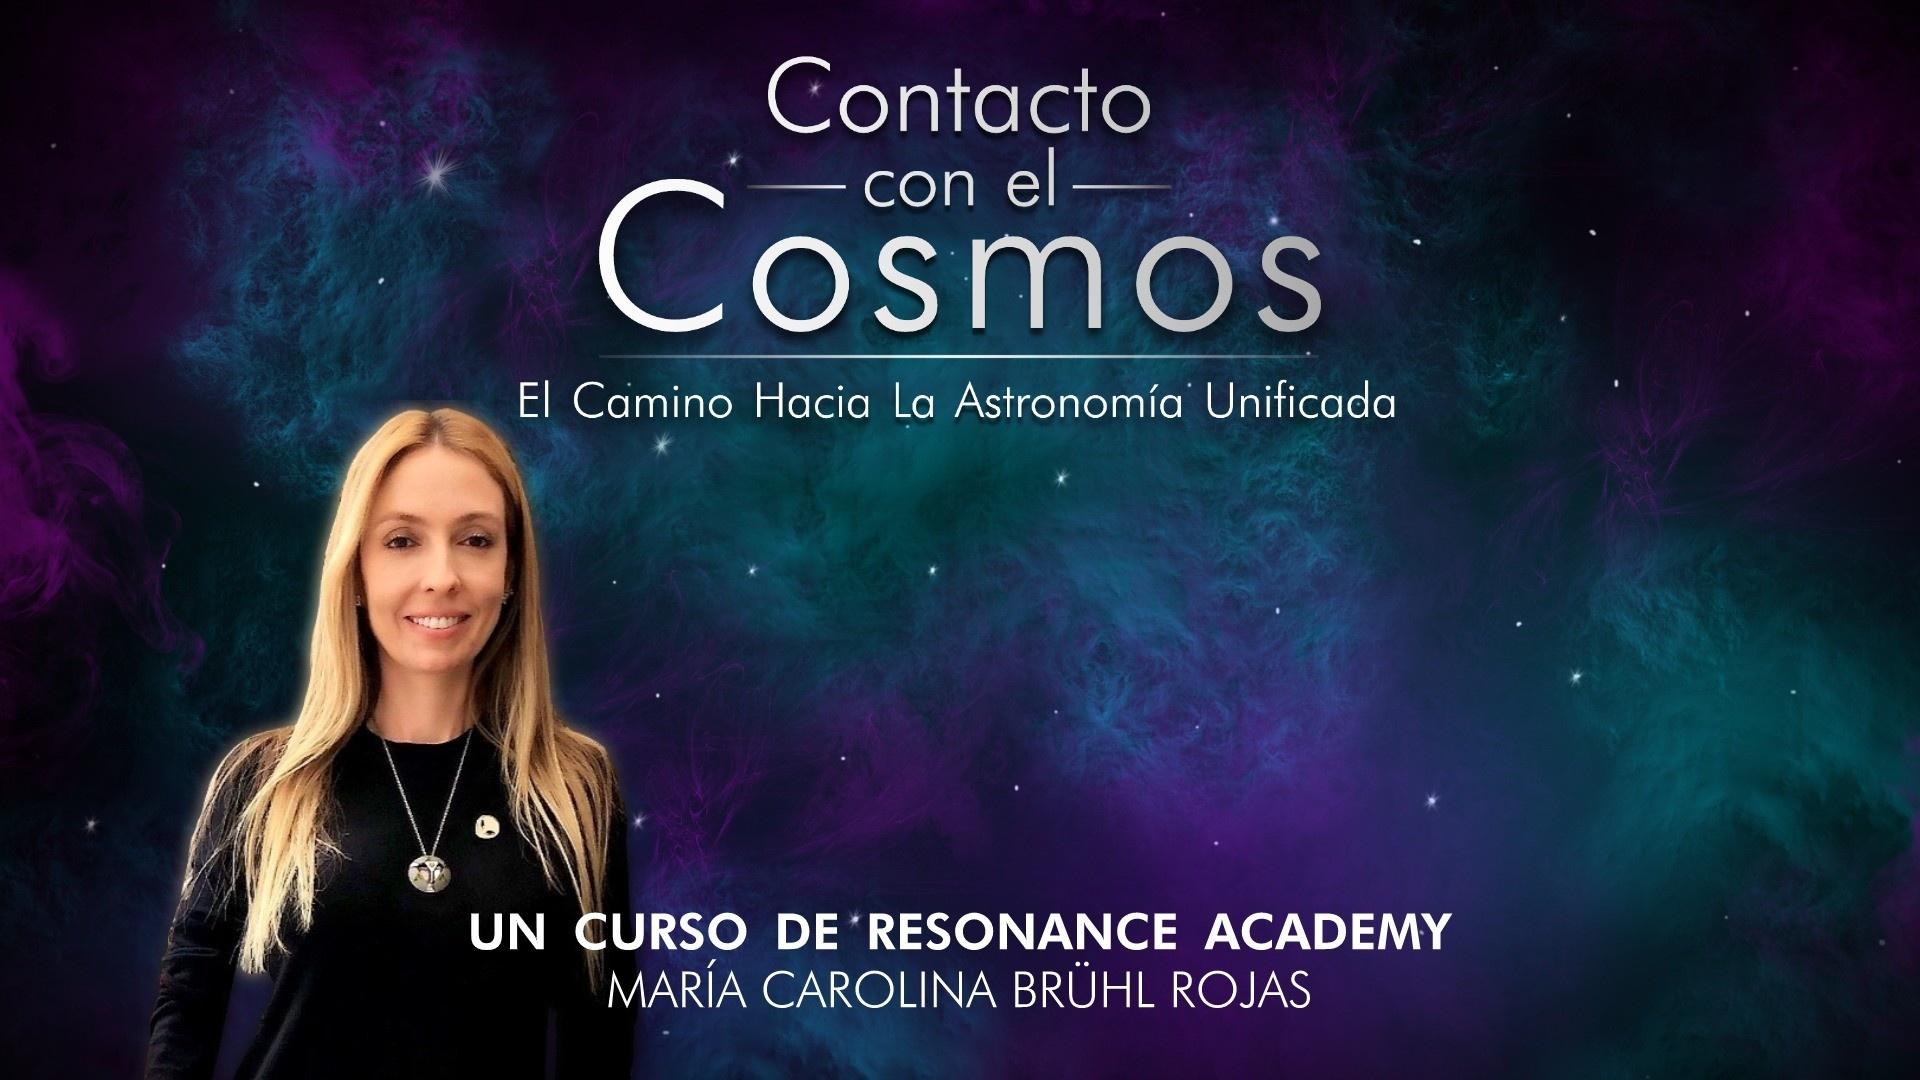 Contacto con el Cosmos